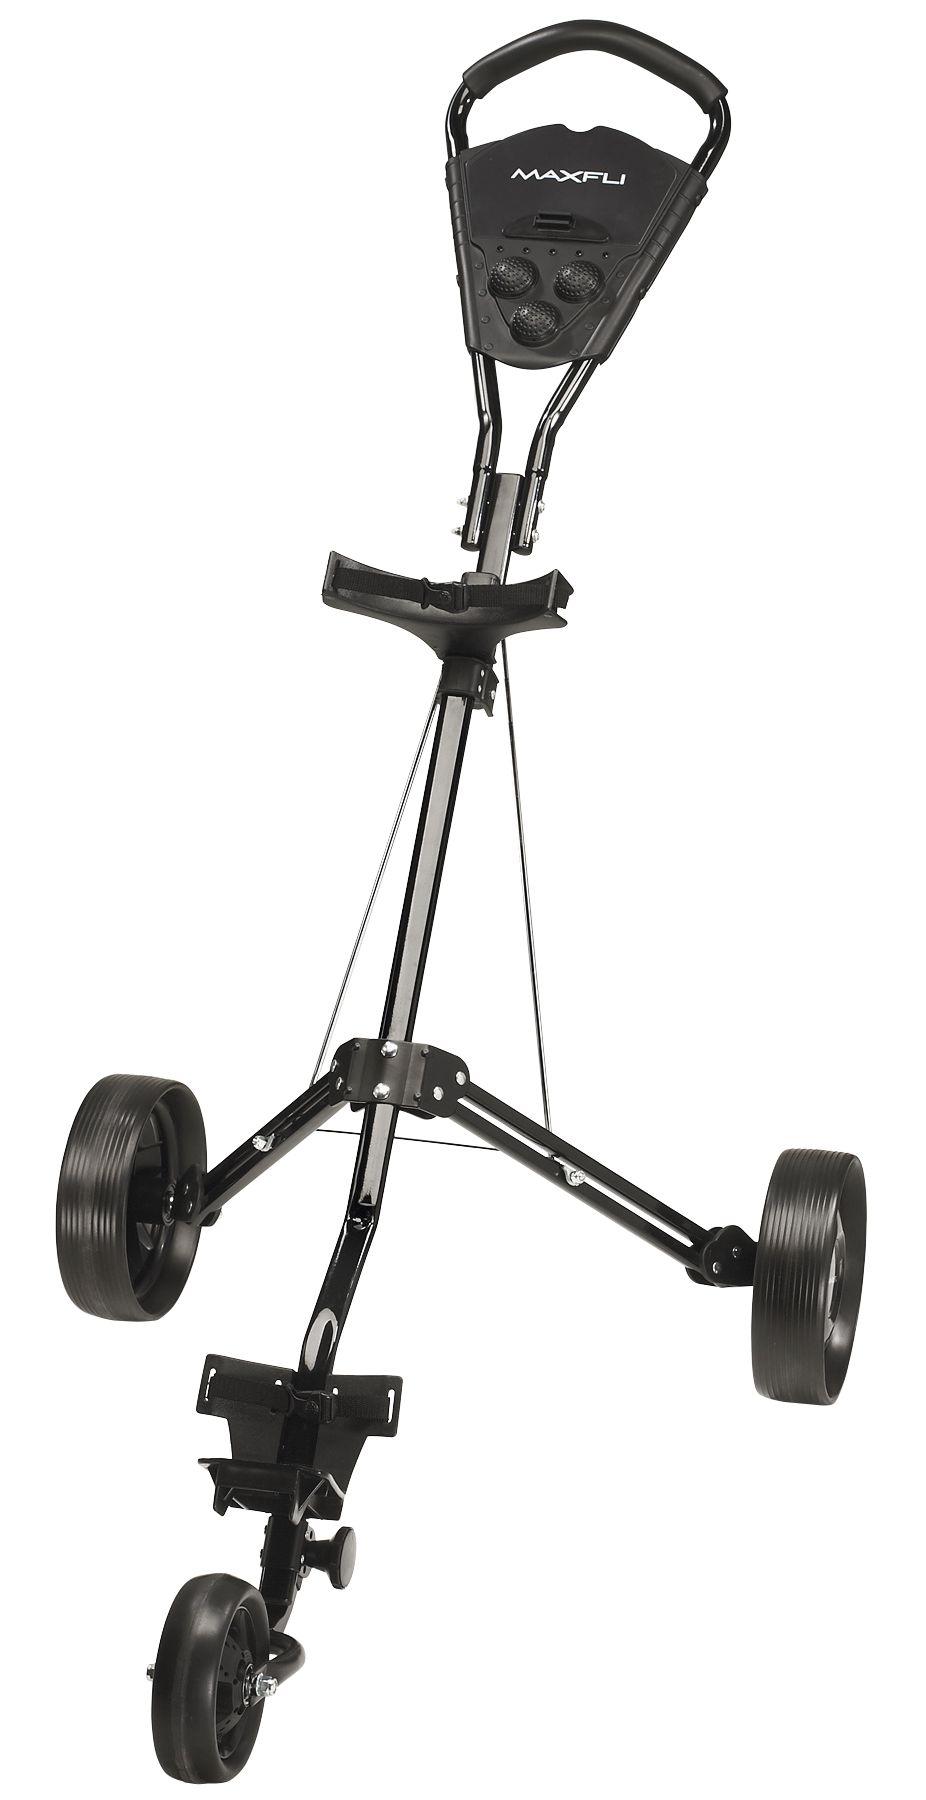 Maxfli 3-Wheel Push Cart